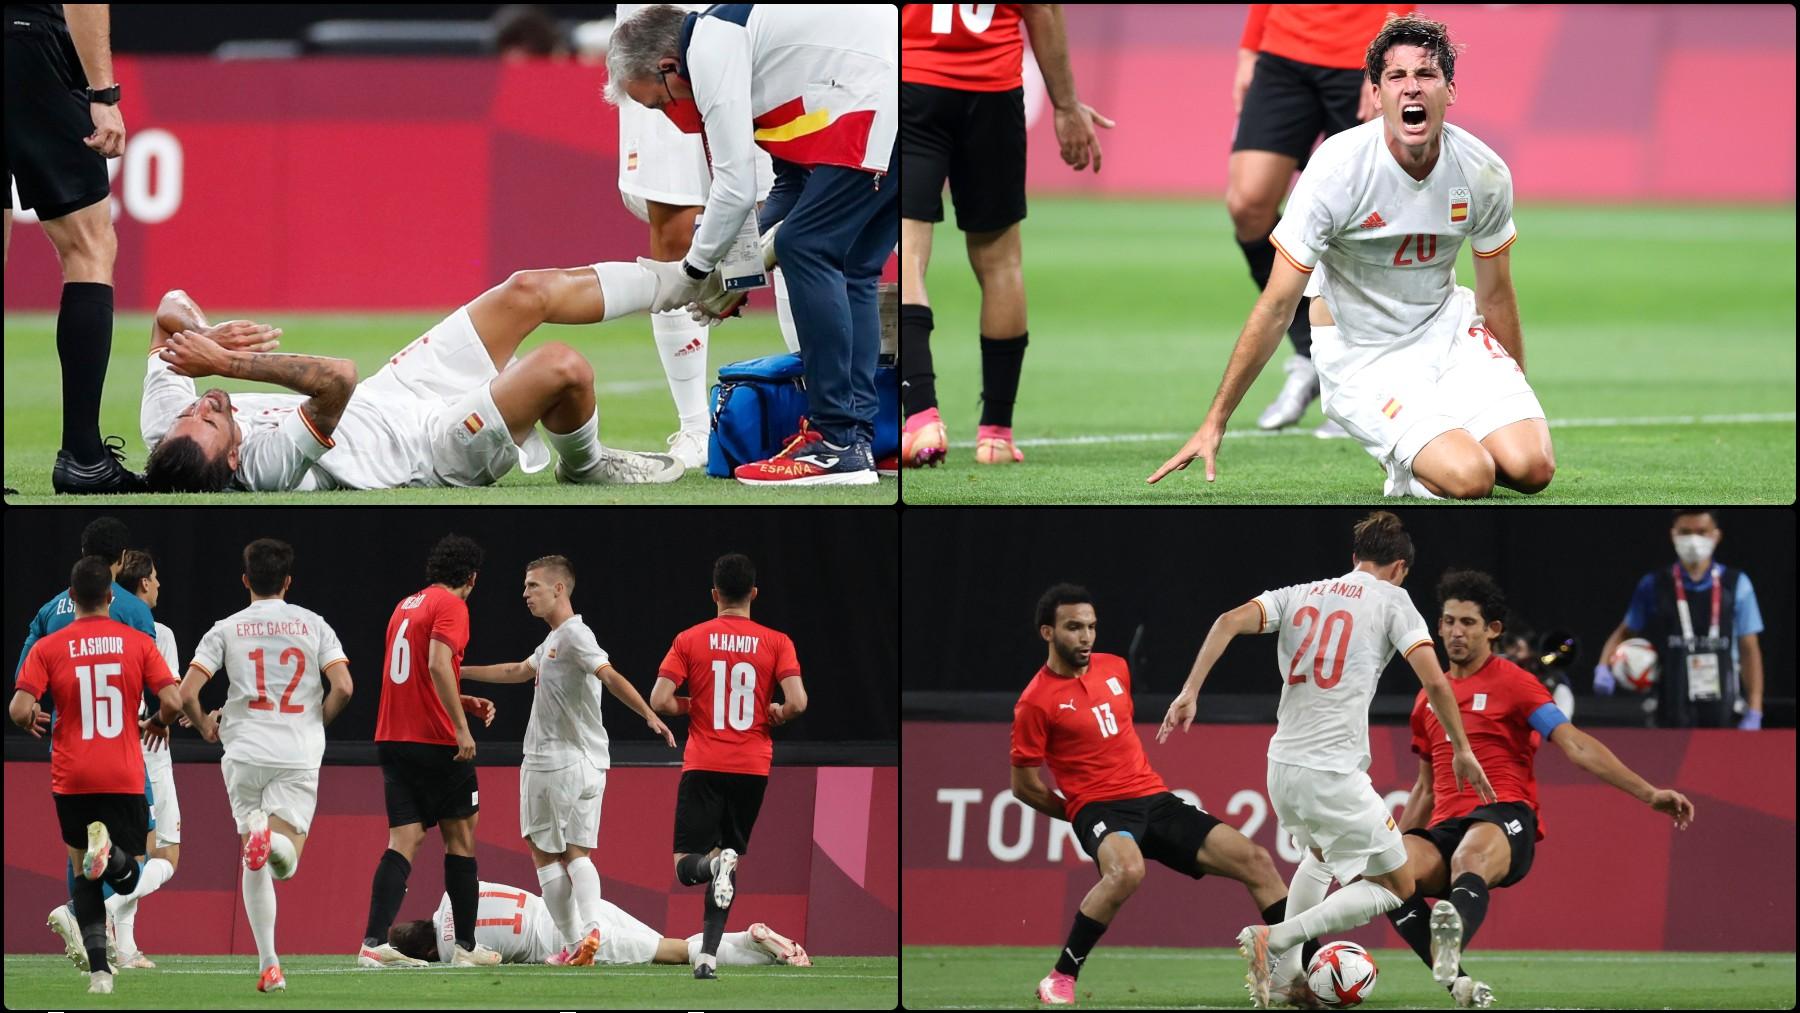 Indignación entre la selección española olímpica con la dureza de Egipto y con el arbitraje.